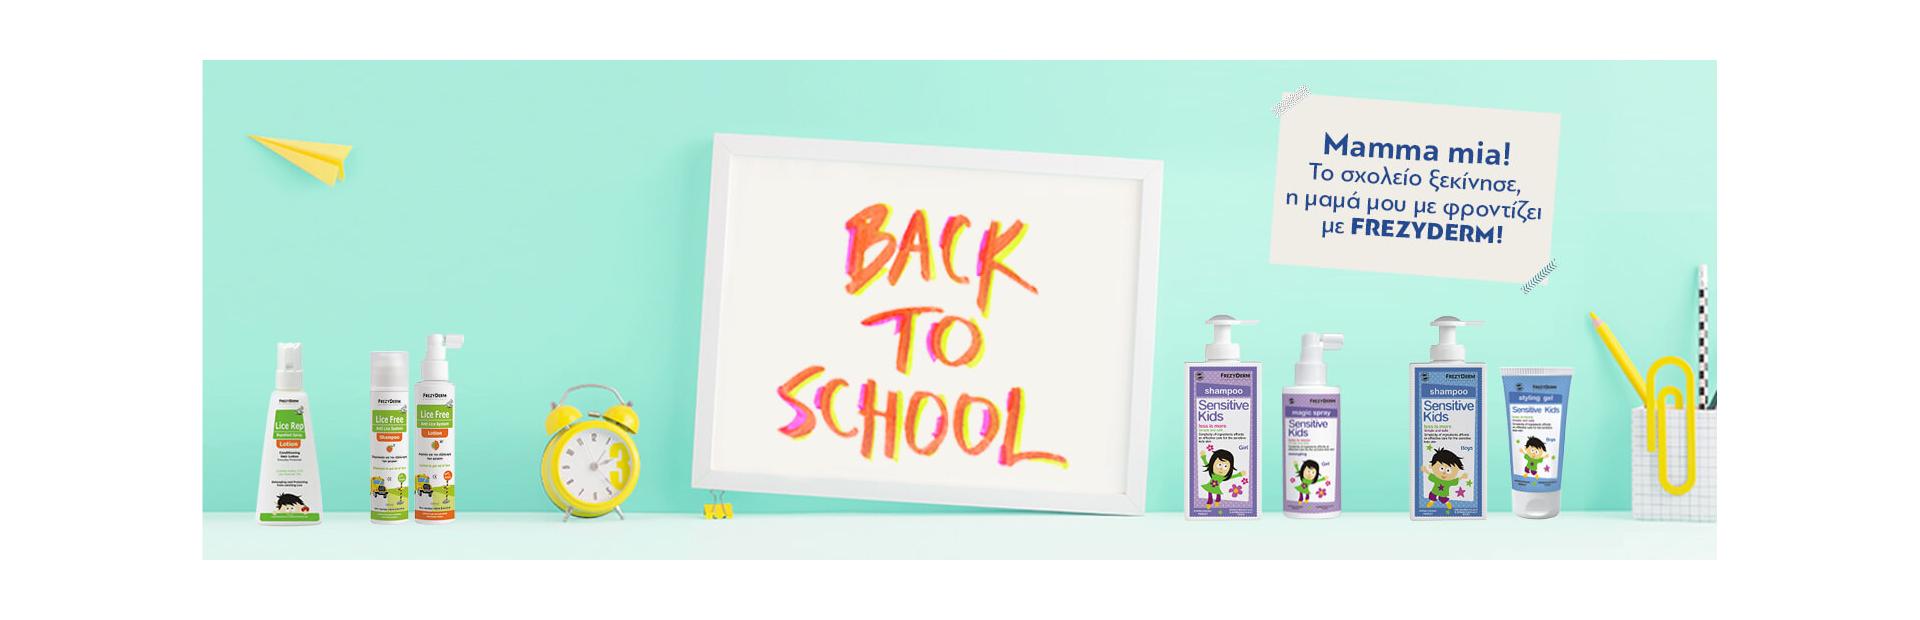 Back to School! Η φροντίδα που χρειάζεται!!!